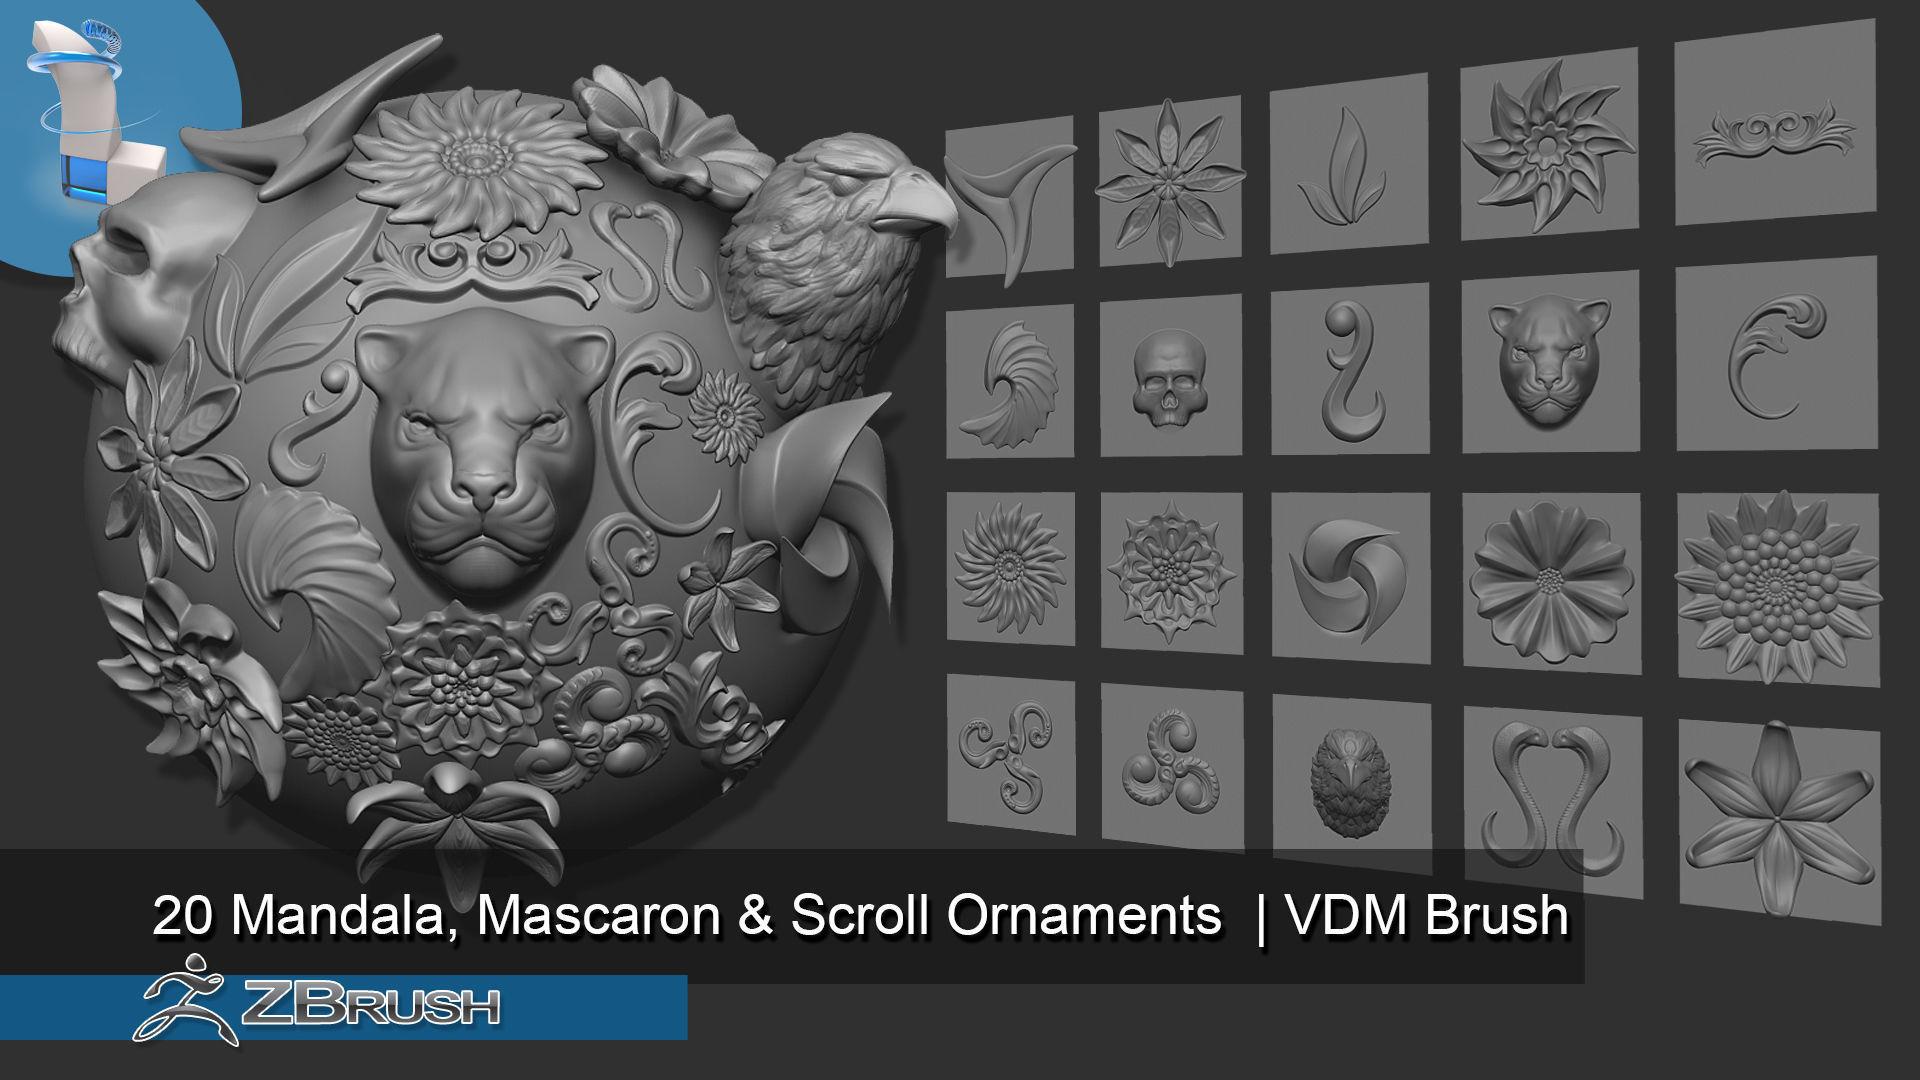 Zbrush VDM Ornaments Mandalas and Mascaron Brush